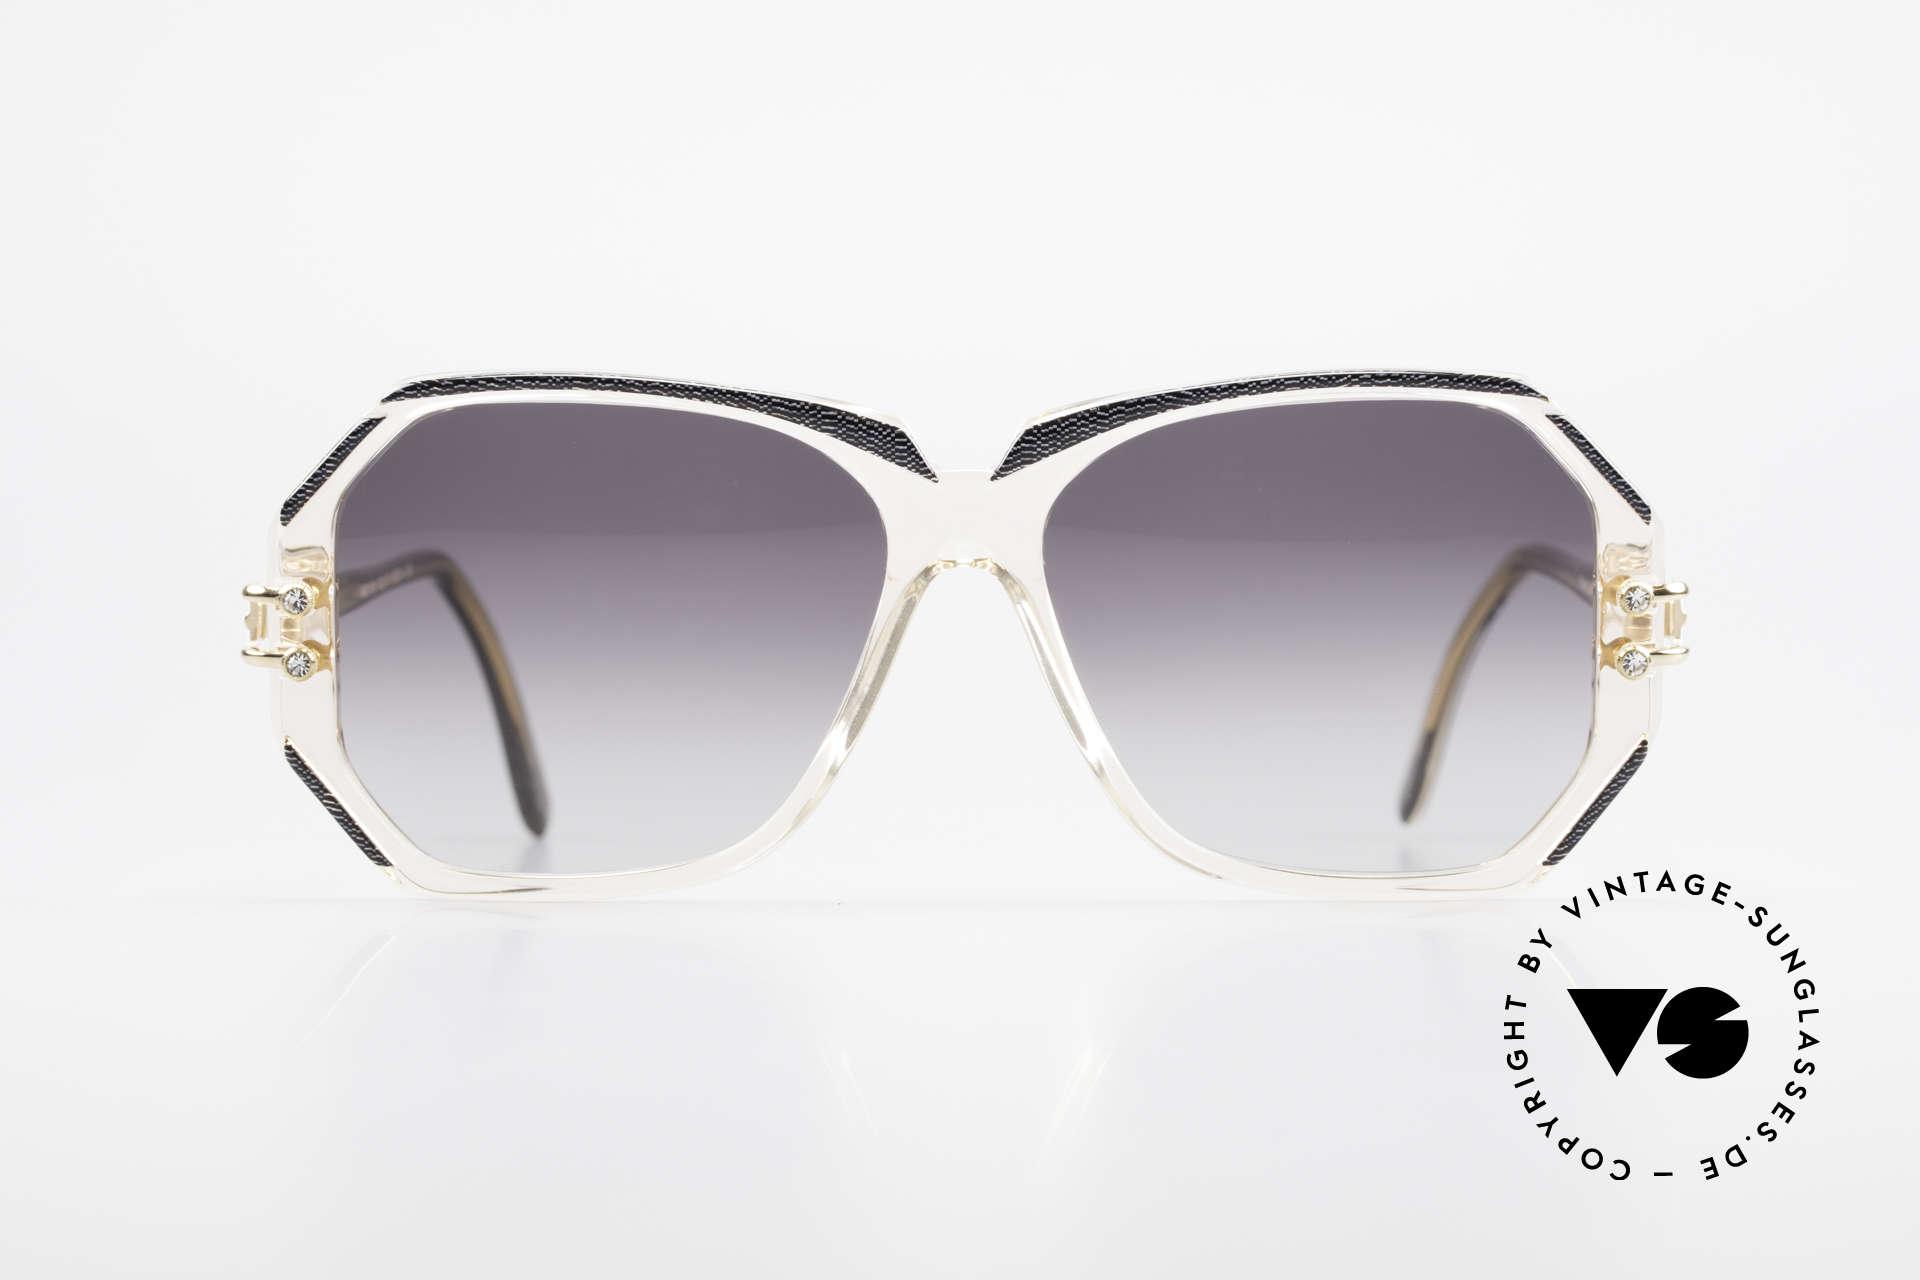 Cazal 169 Vintage Damen Sonnenbrille, 1989/90 (Frame Germany) gefertigt, MEDIUM Gr. 56-14, Passend für Damen